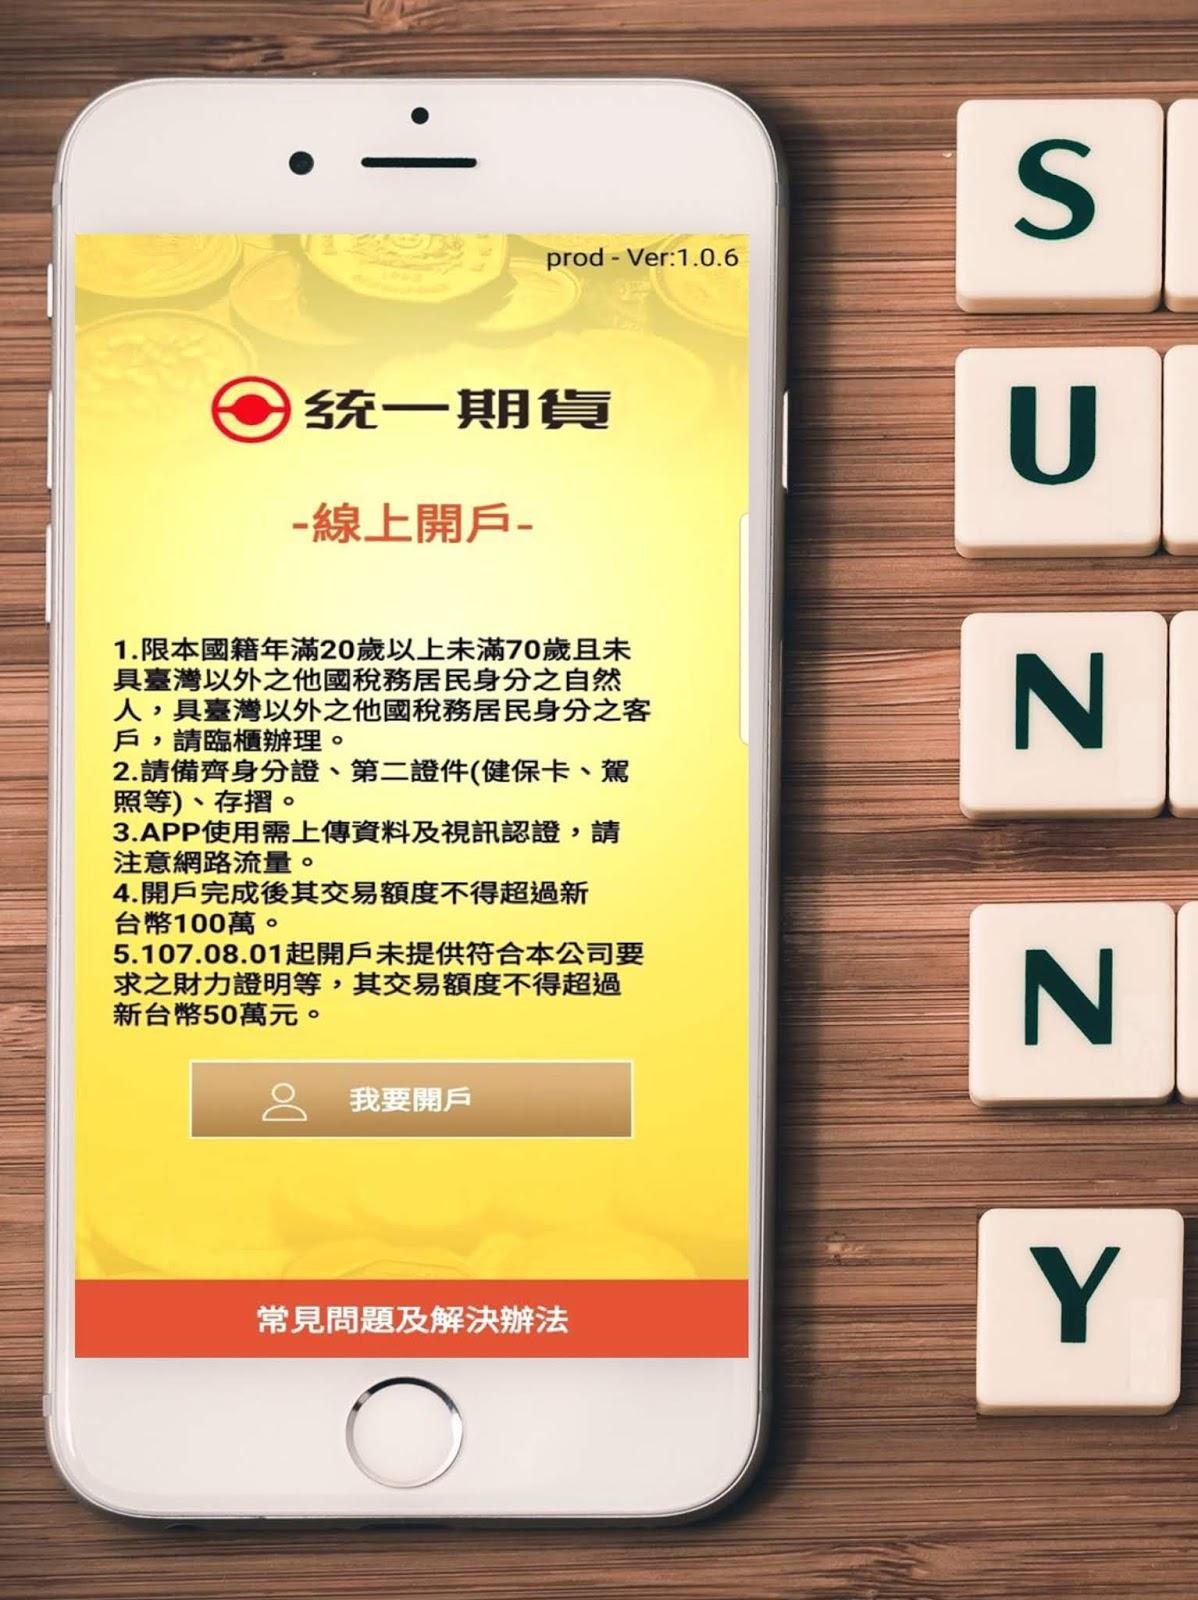 如何線上開戶?「統一期貨e開戶」,使用手機APP,即可完成期貨開戶 - 統一期貨 詹晴如 Sunny